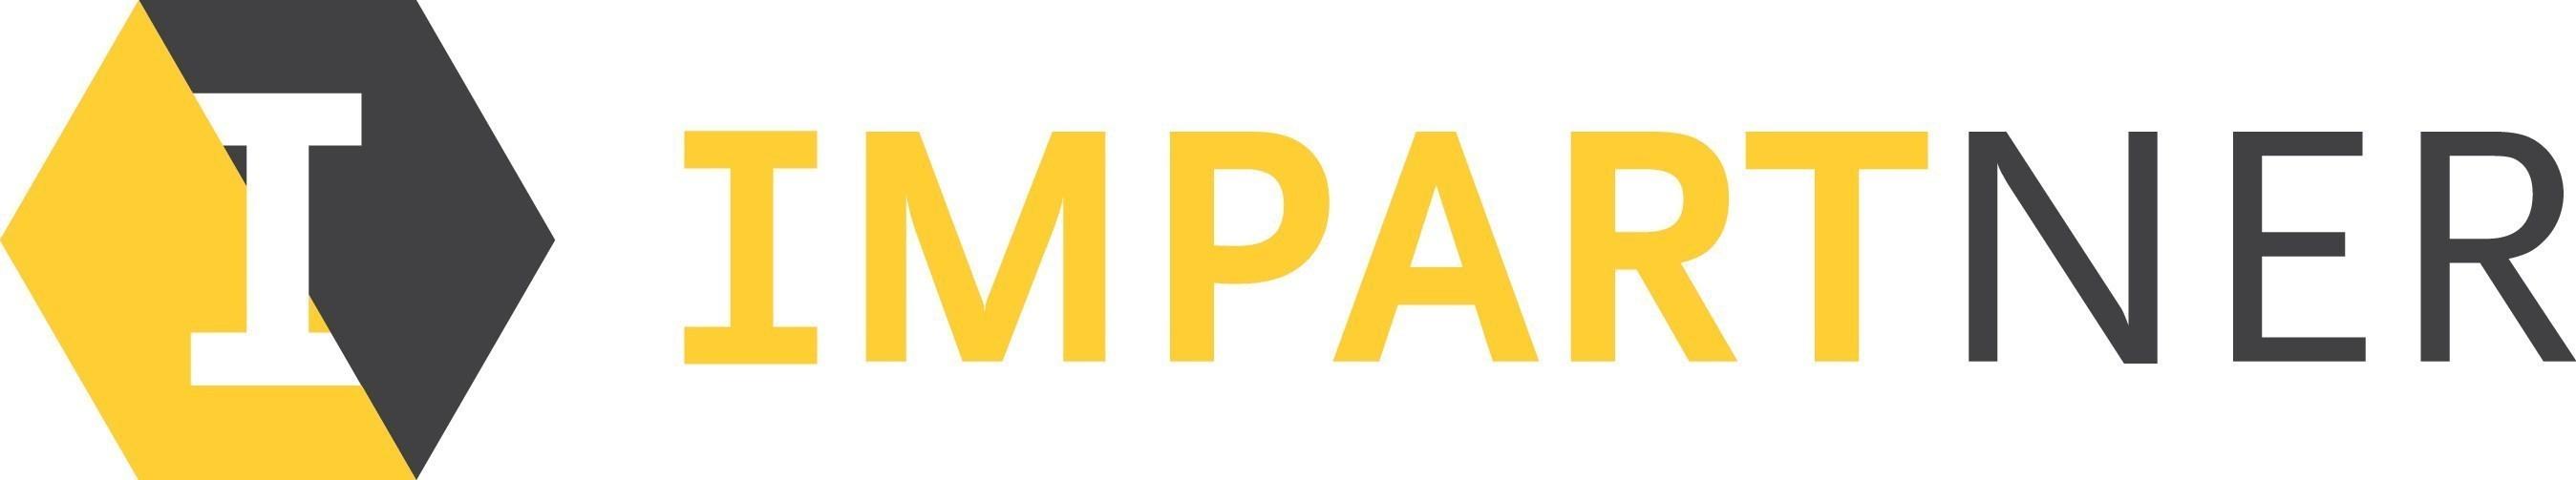 Impartner is a leader in Saas-based Partner Relationship Management solutions. (PRNewsFoto/Impartner)